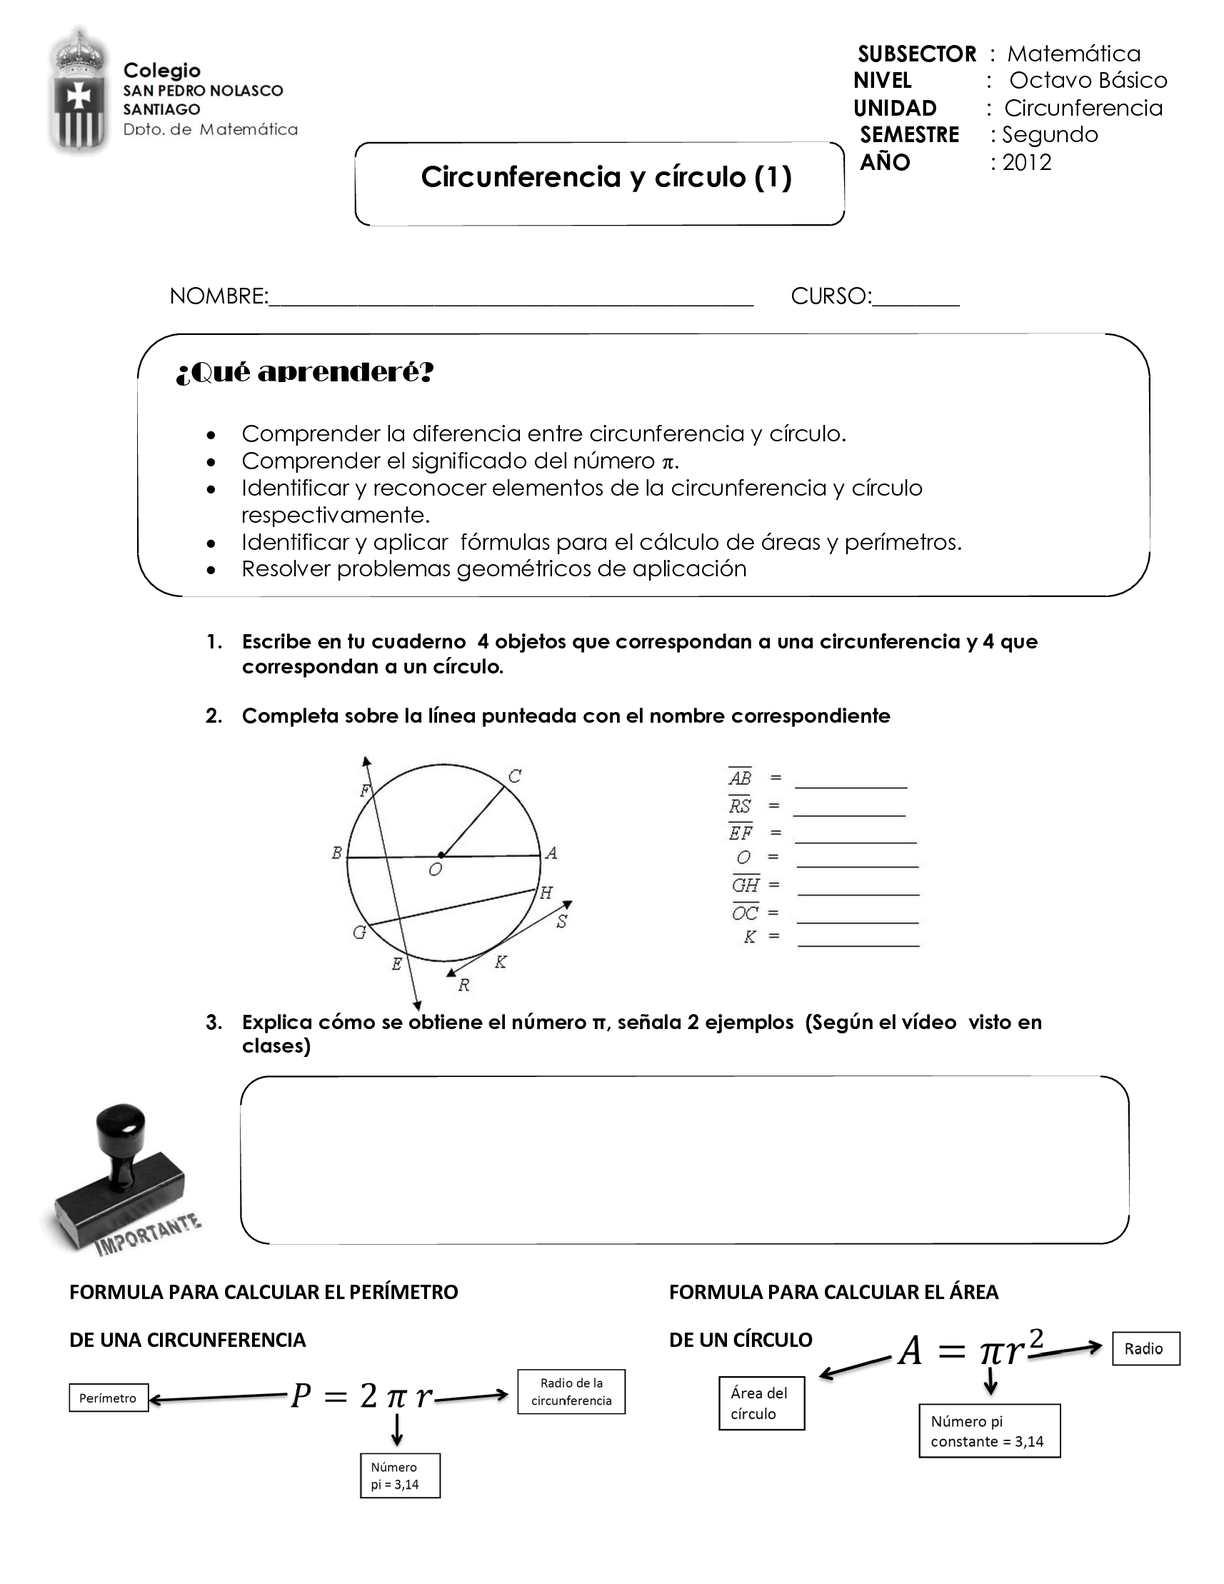 area y perimetro circulo y circunferencia pdf